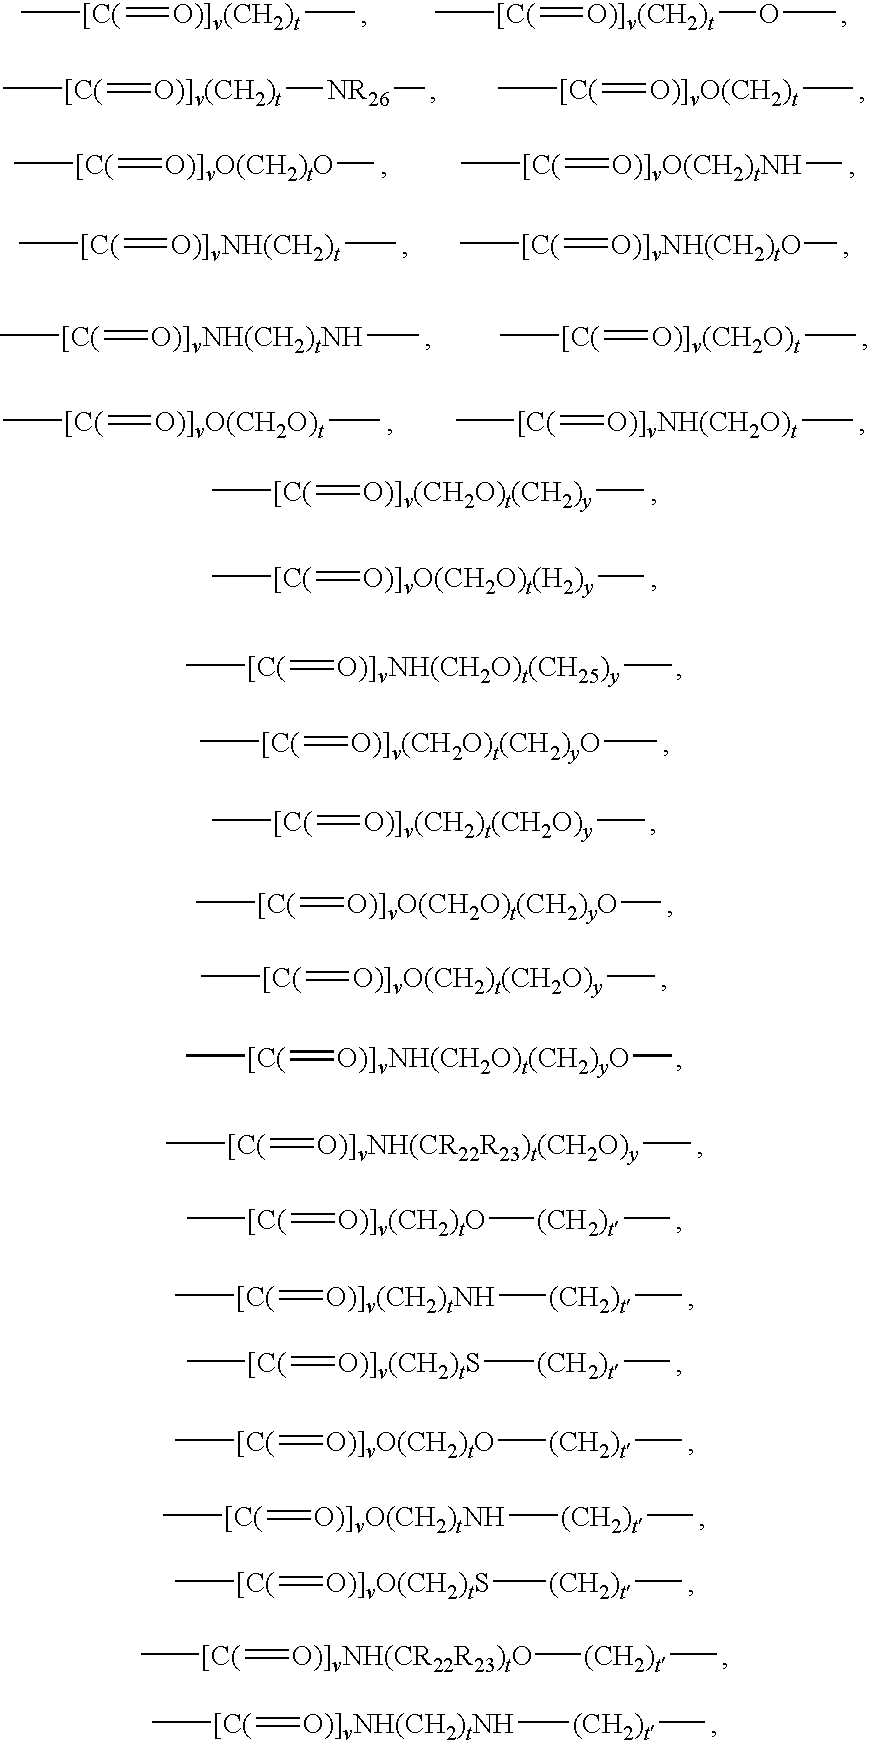 Figure US20100056555A1-20100304-C00024